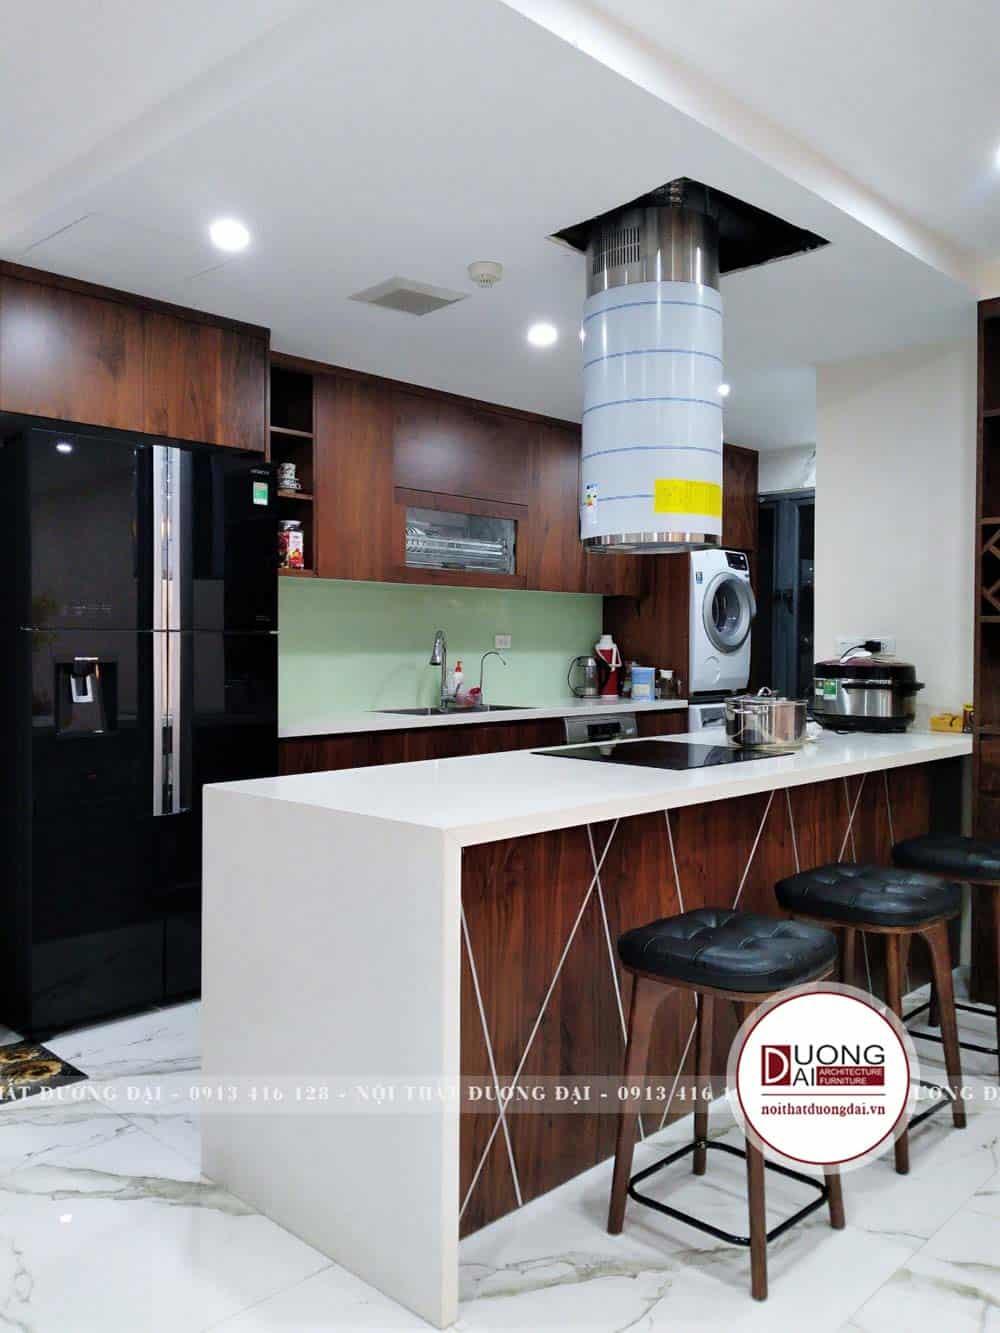 Tủ bếp có chức năng thông minh và tiện lợi